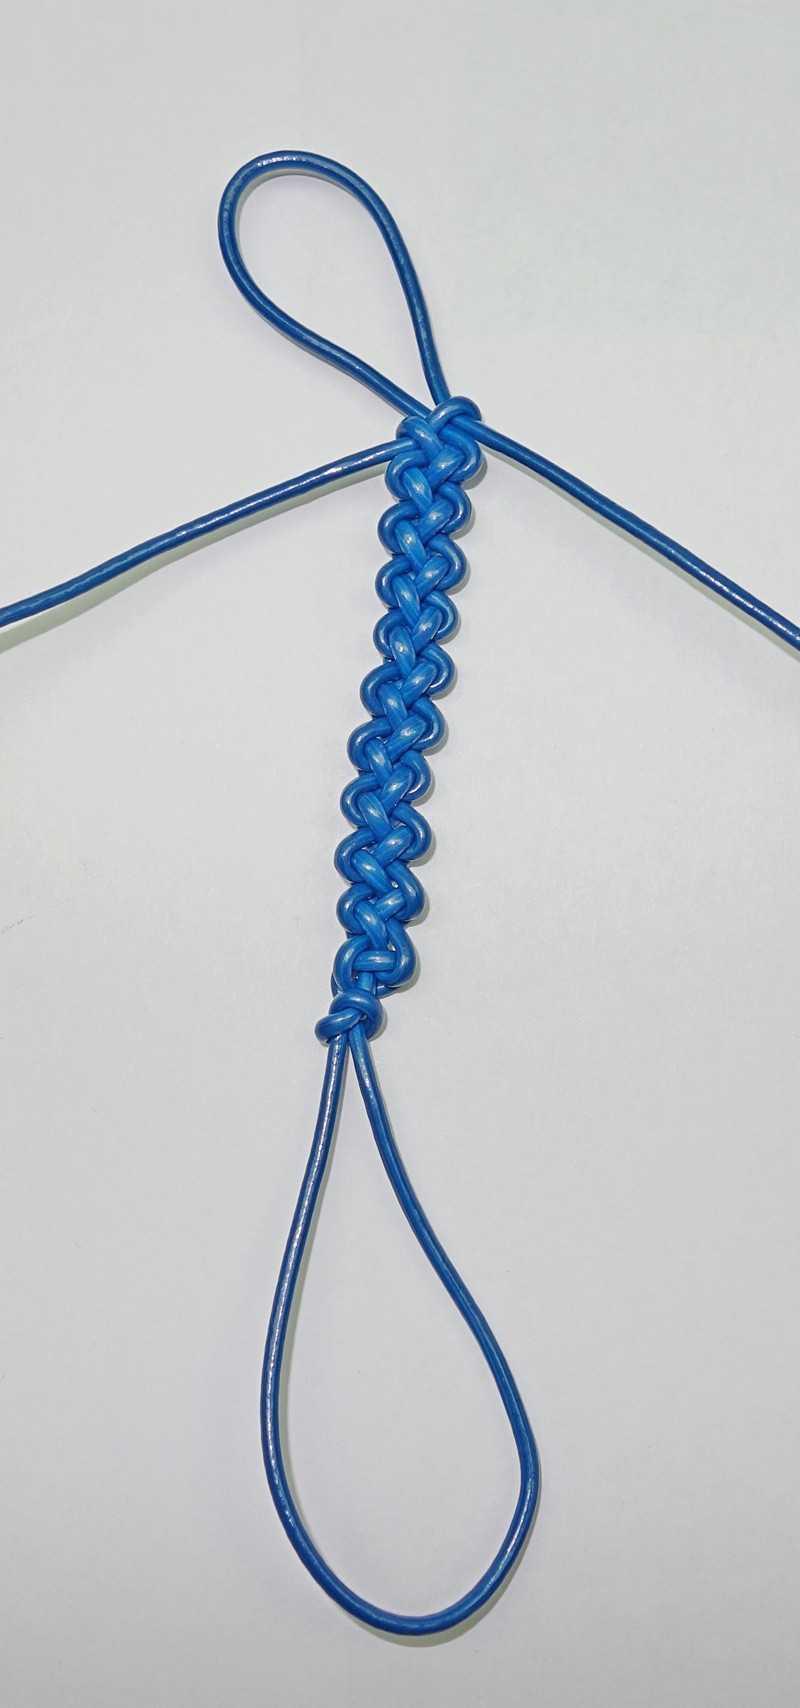 23)Некоторые особенности плетения темляков.